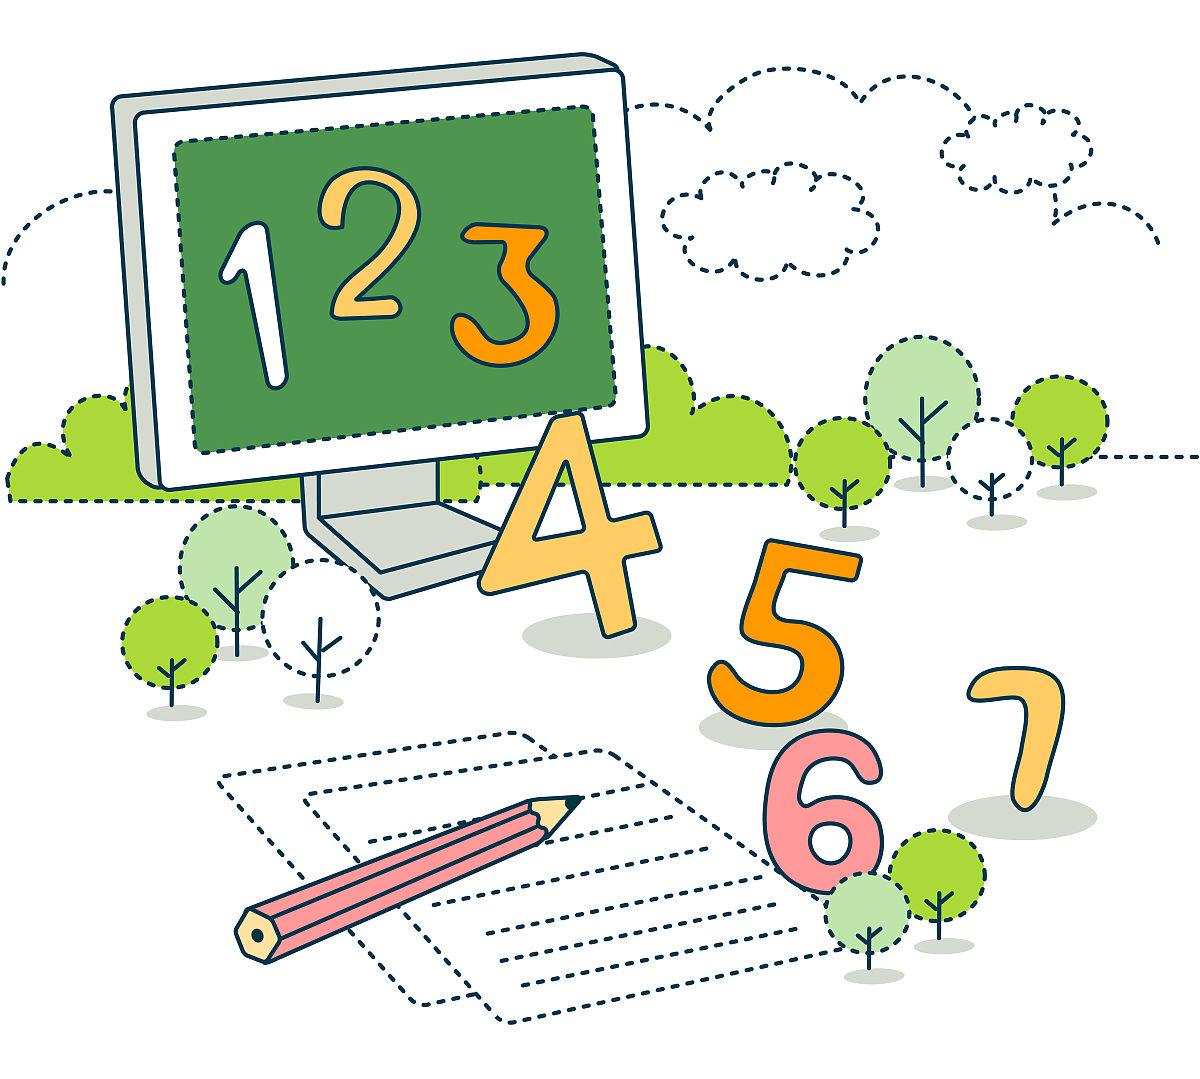 数学时钟小报_involution 数学-李代数-对合几何-数学手抄报-rotate involution区别